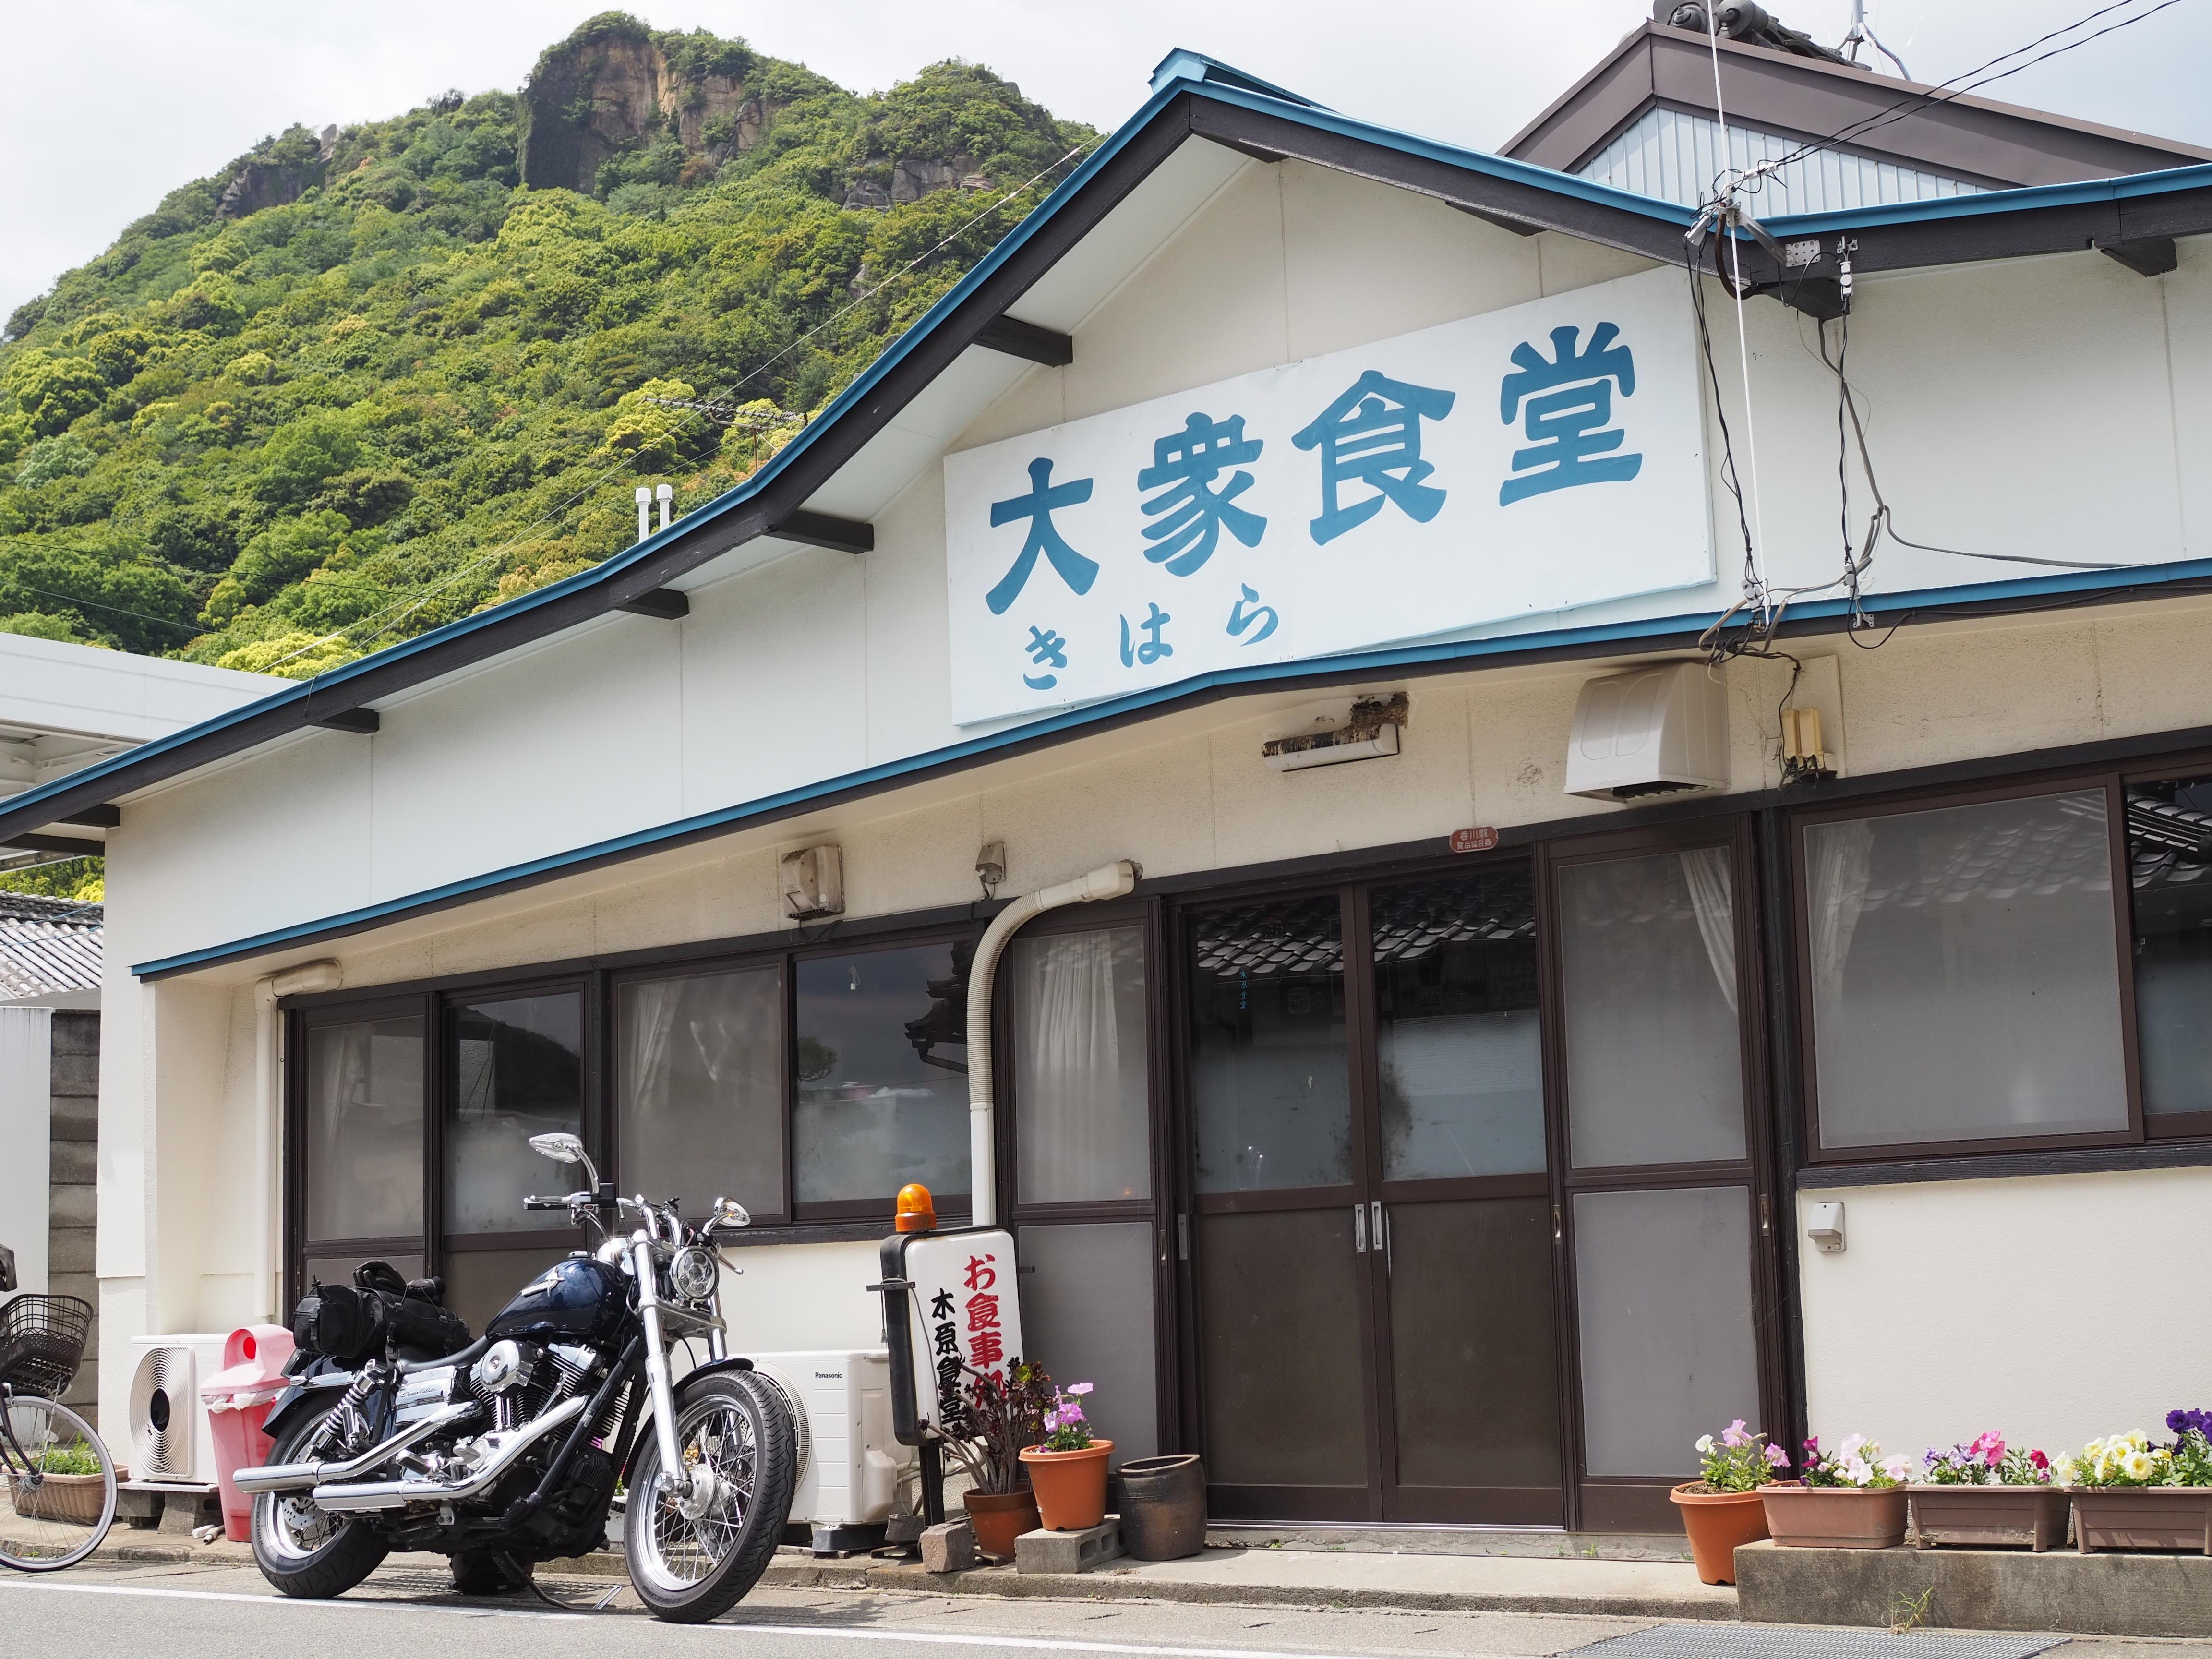 小豆島 絶景&グルメツーリング 木原食堂